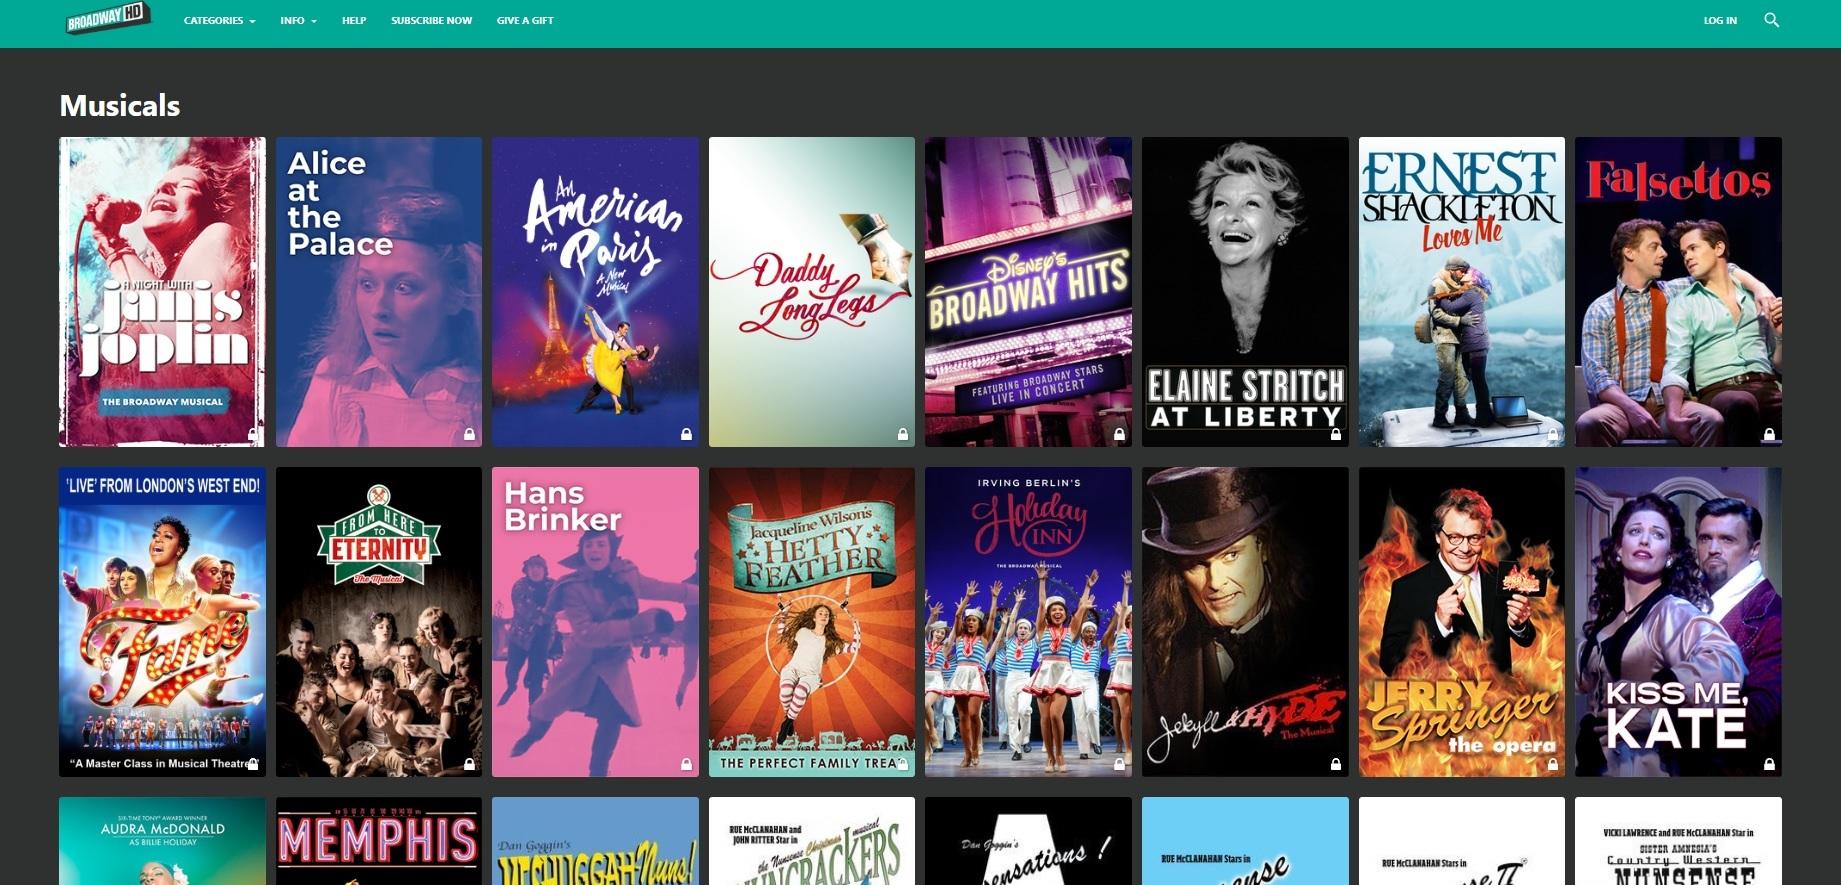 Broadway HD内「ミュージカル」ページのスクリーンショット